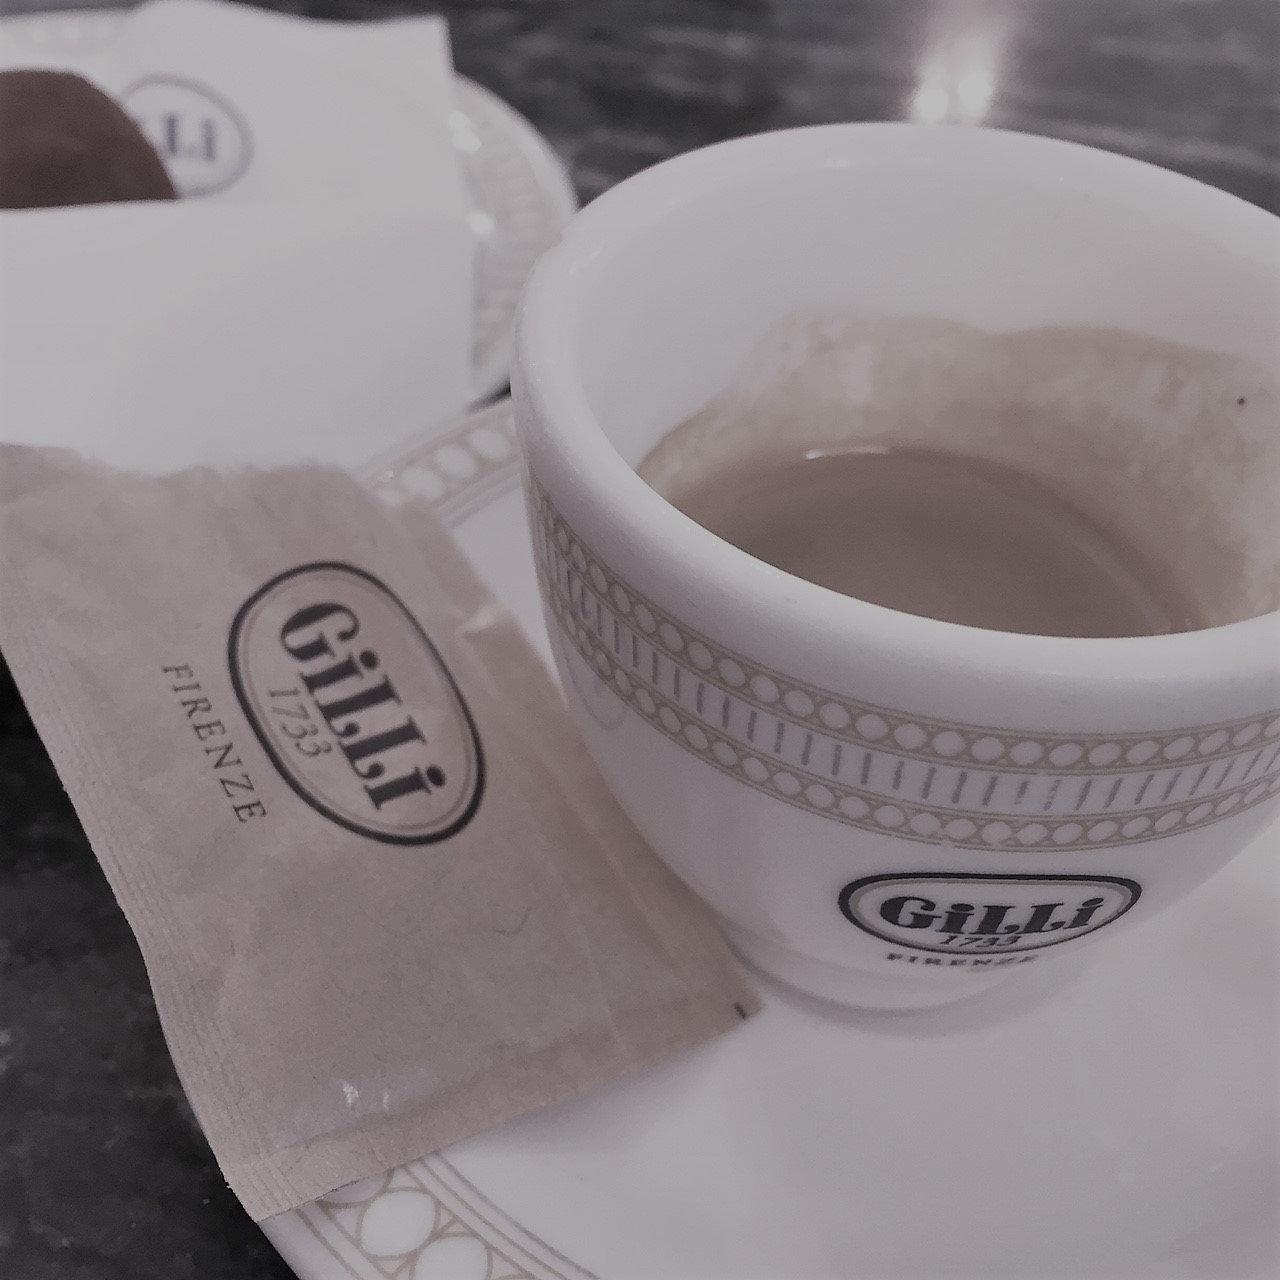 espresso、caffè  latte、cappuccinoスキルサポート